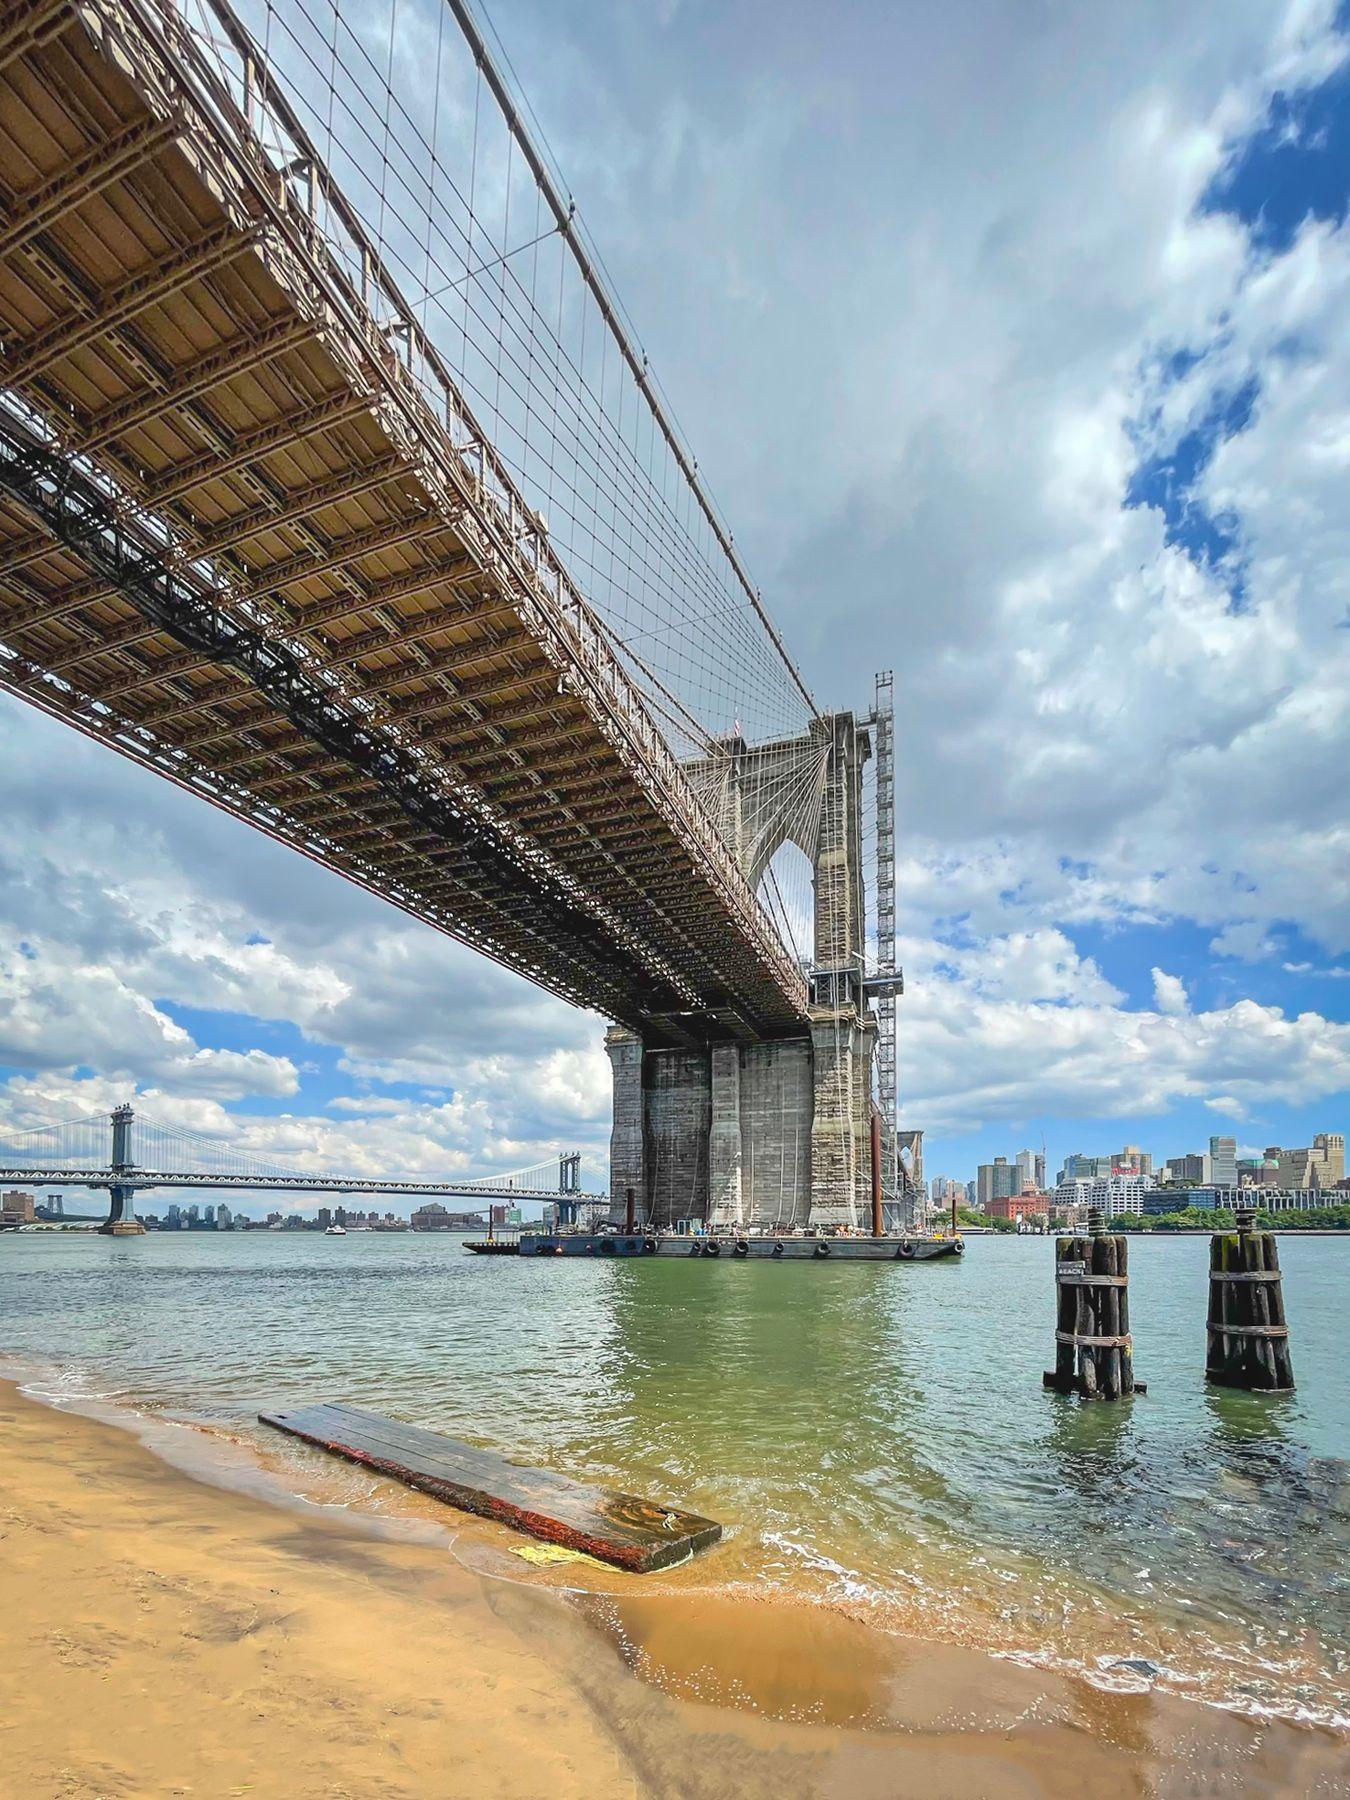 Мосты Нью-Йорка Манхэттен Нью-Йорк Бруклинский мост Манхэттенский Ист-ривер